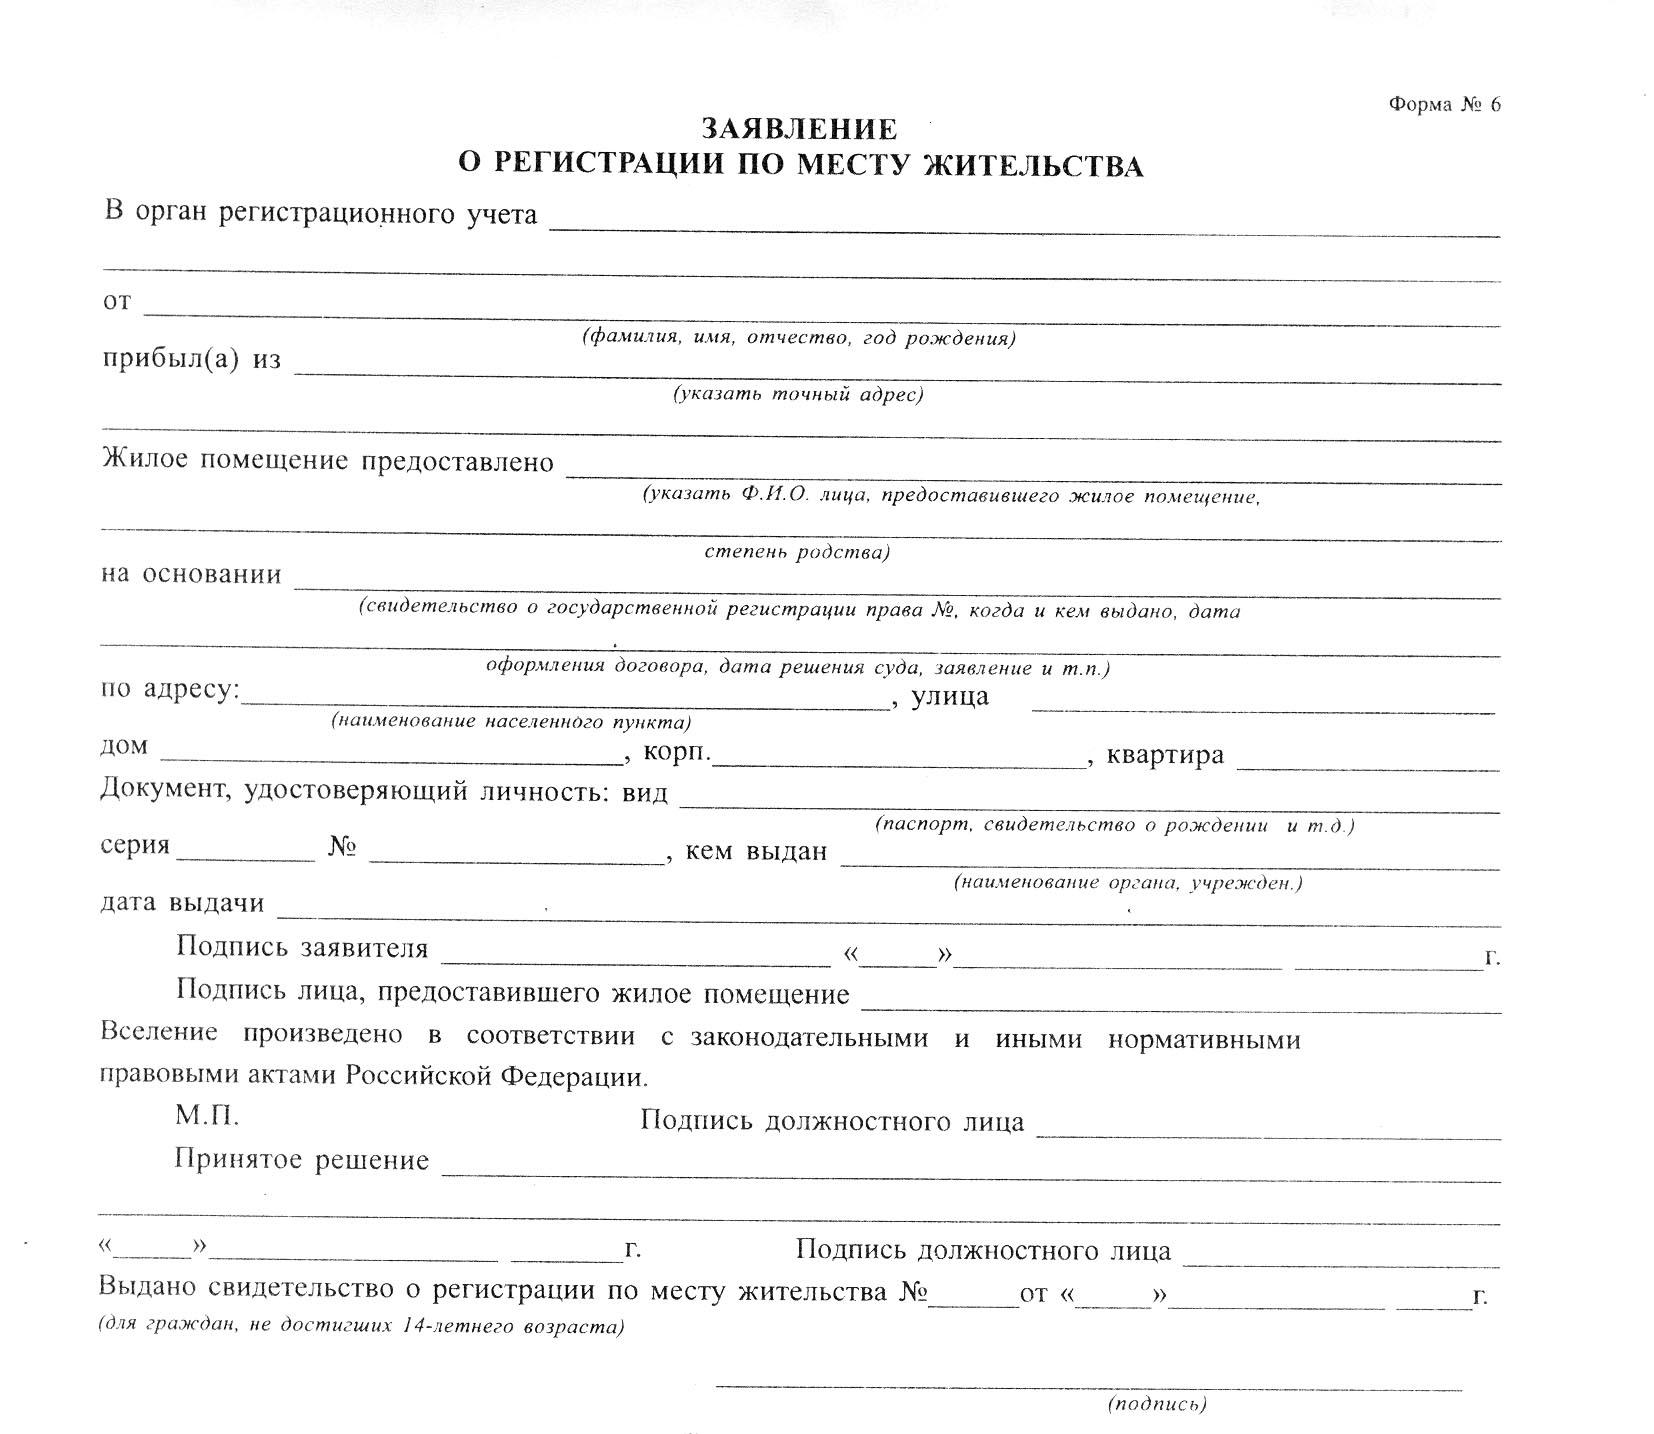 новый бланк для регистрации юредического лица украины